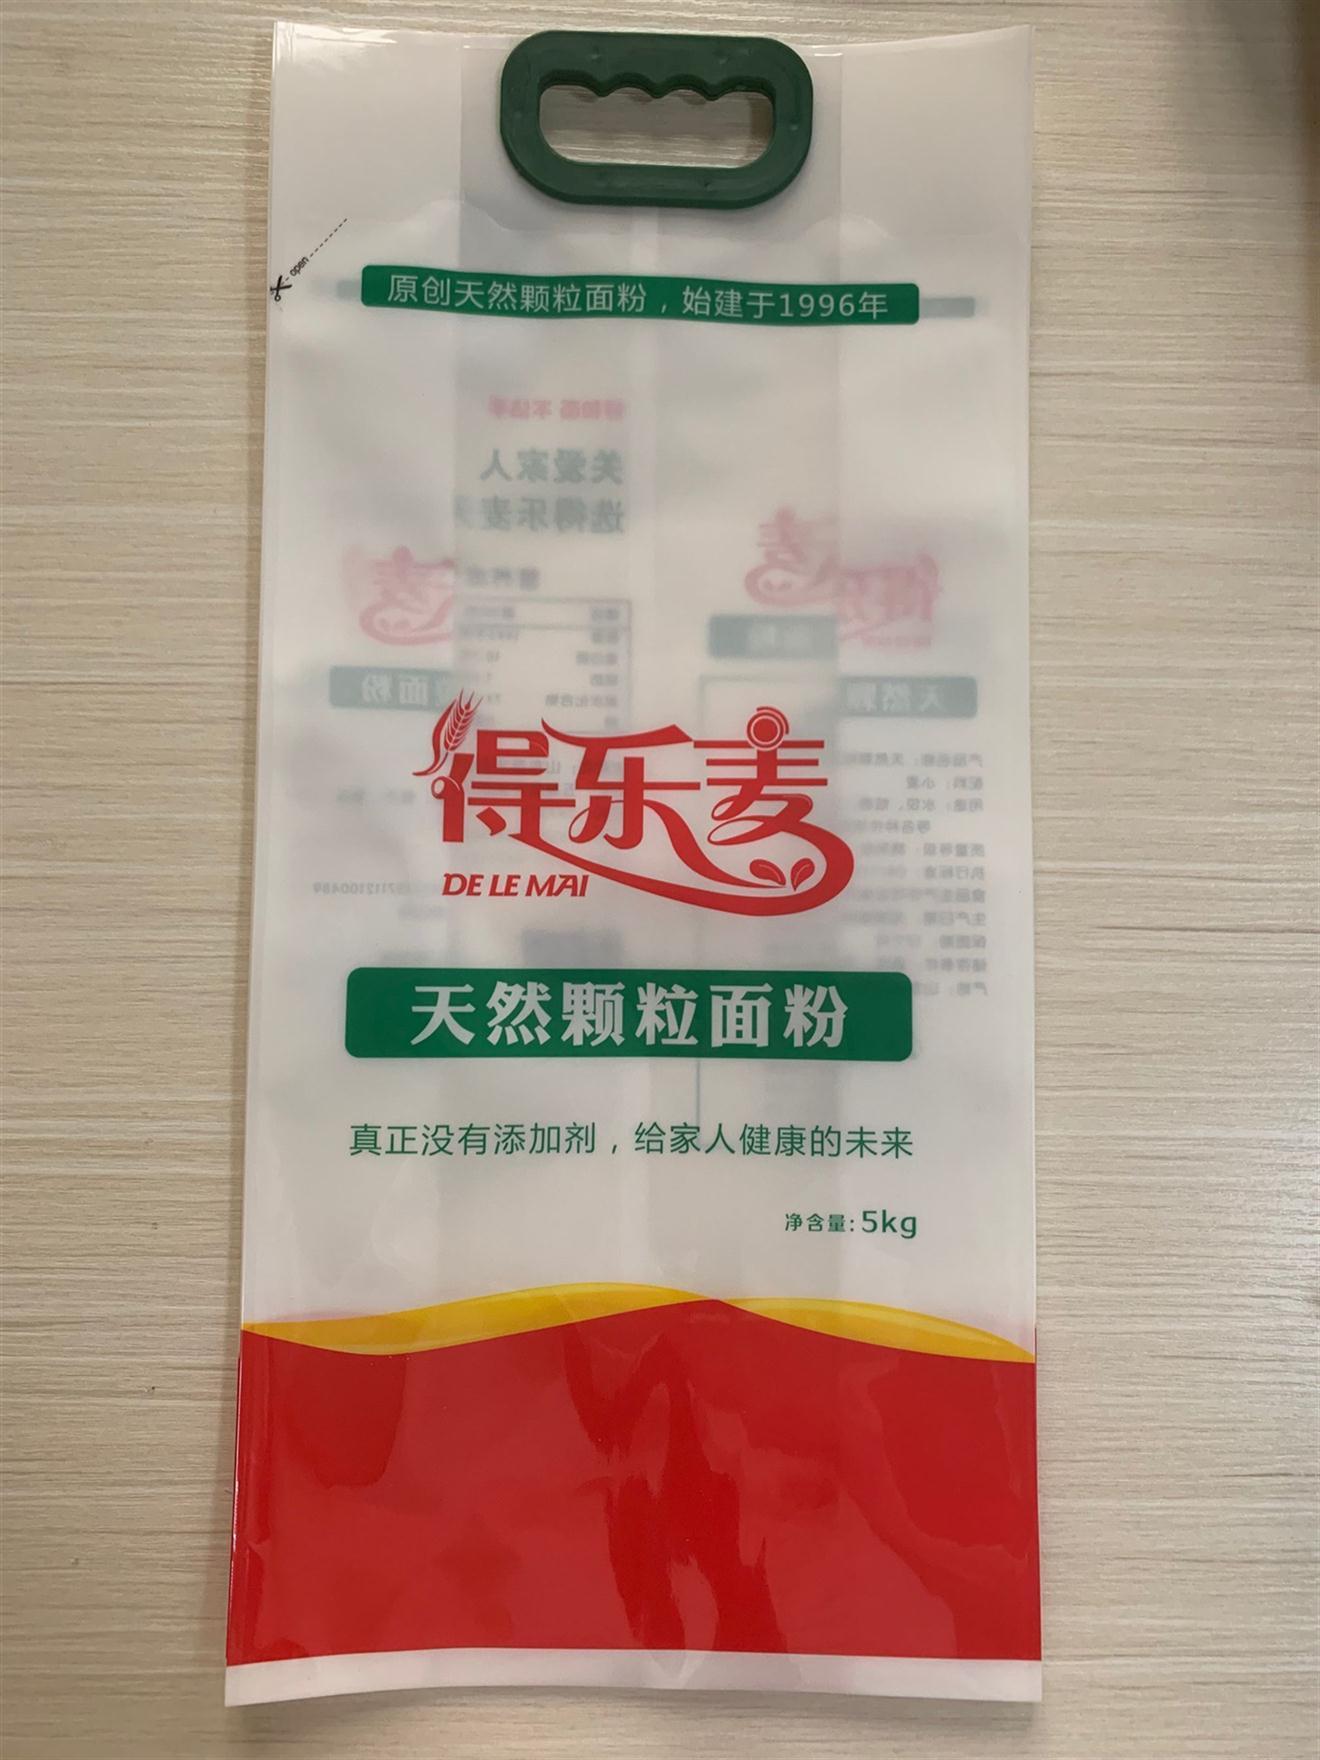 安康定做面粉包装袋手提袋 石磨面粉包装袋 定制印刷 多彩多样